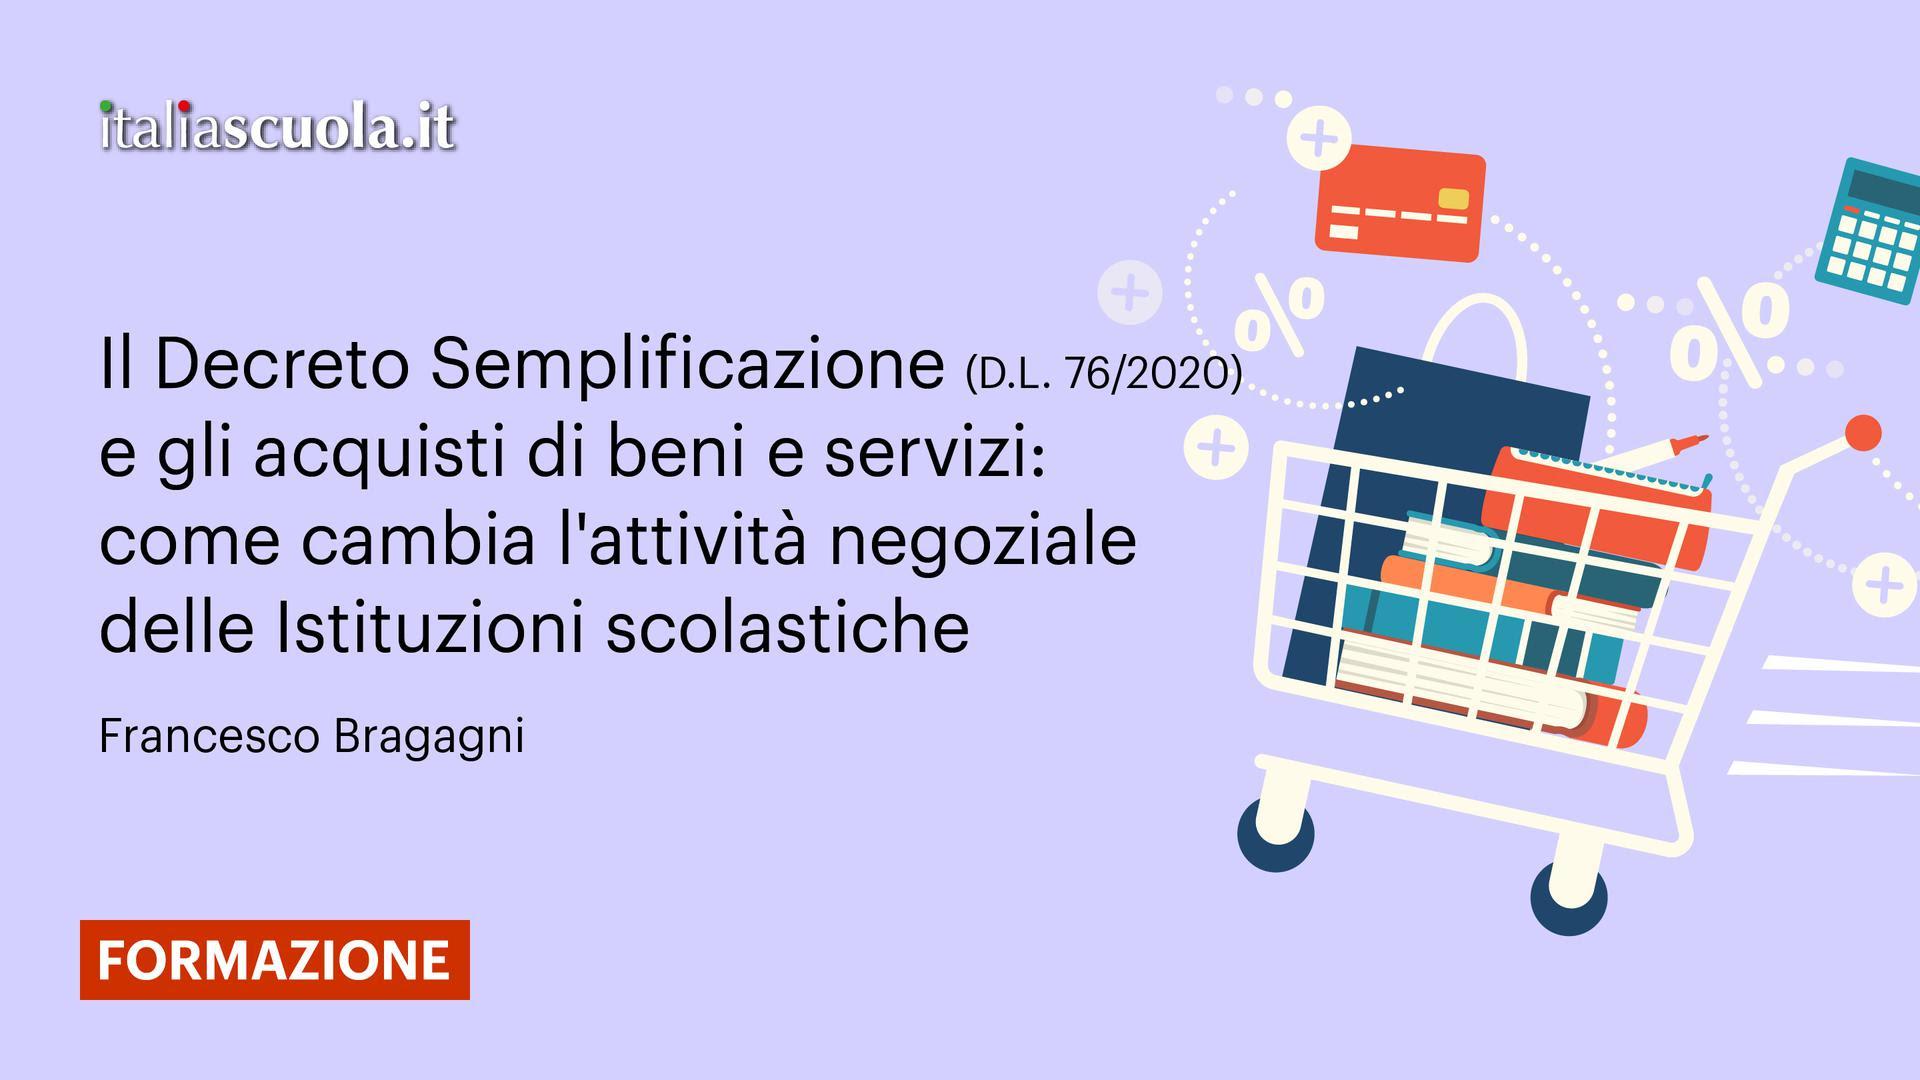 Il Decreto Semplificazione (D.L. 76/2020) e gli acquisti di beni e servizi: come cambia l'attività negoziale delle Istituzioni scolastiche